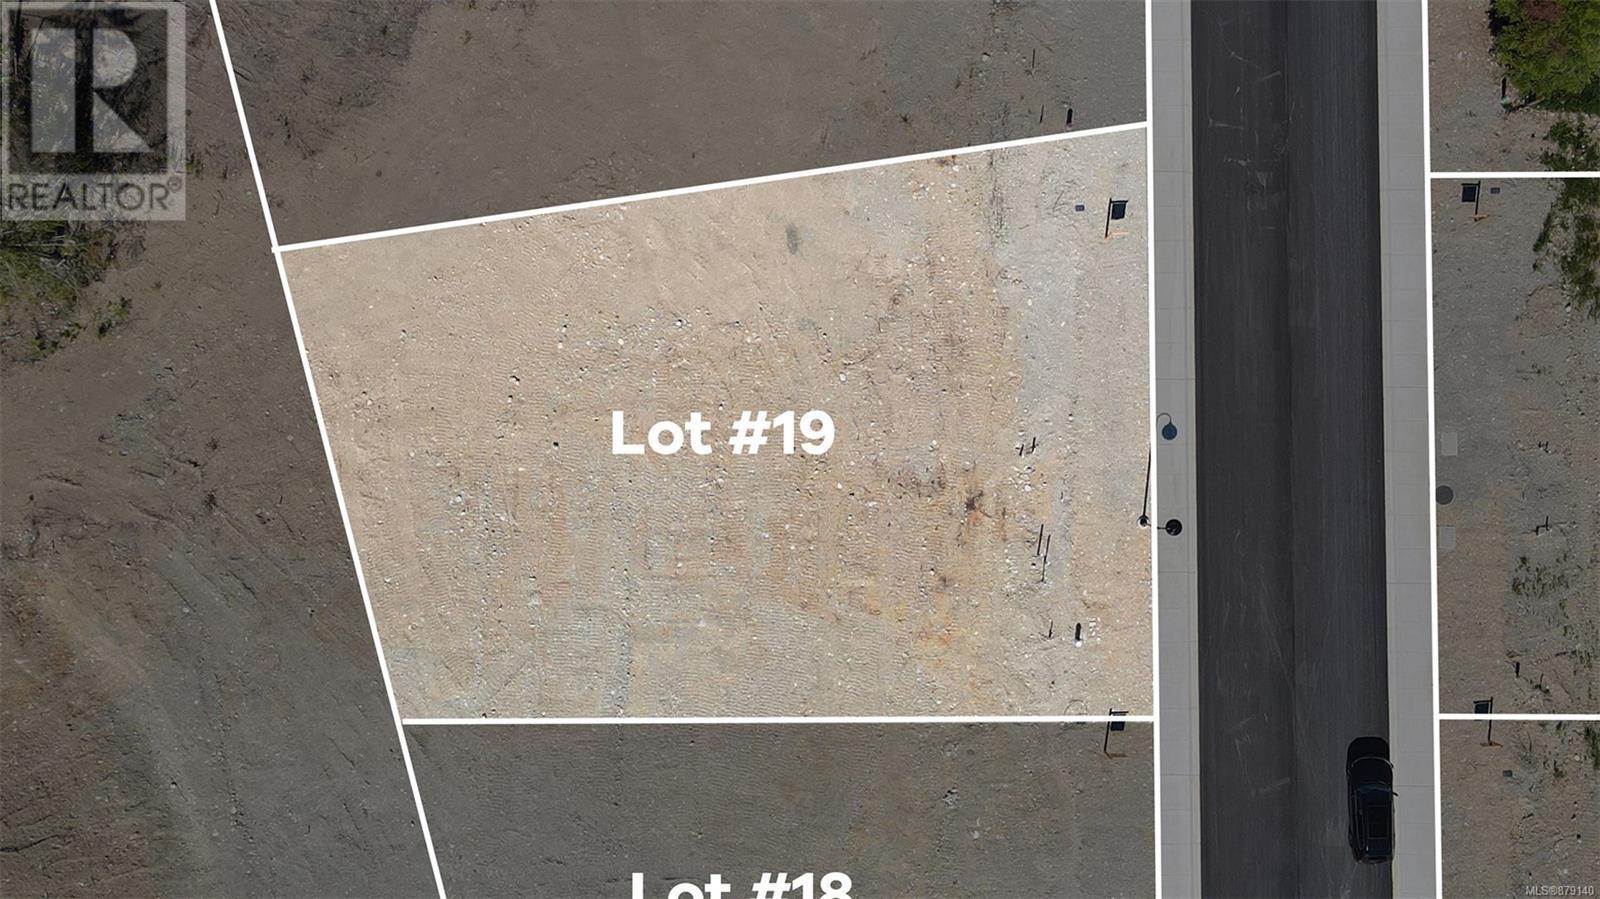 Listing 879140 - Large Photo # 1